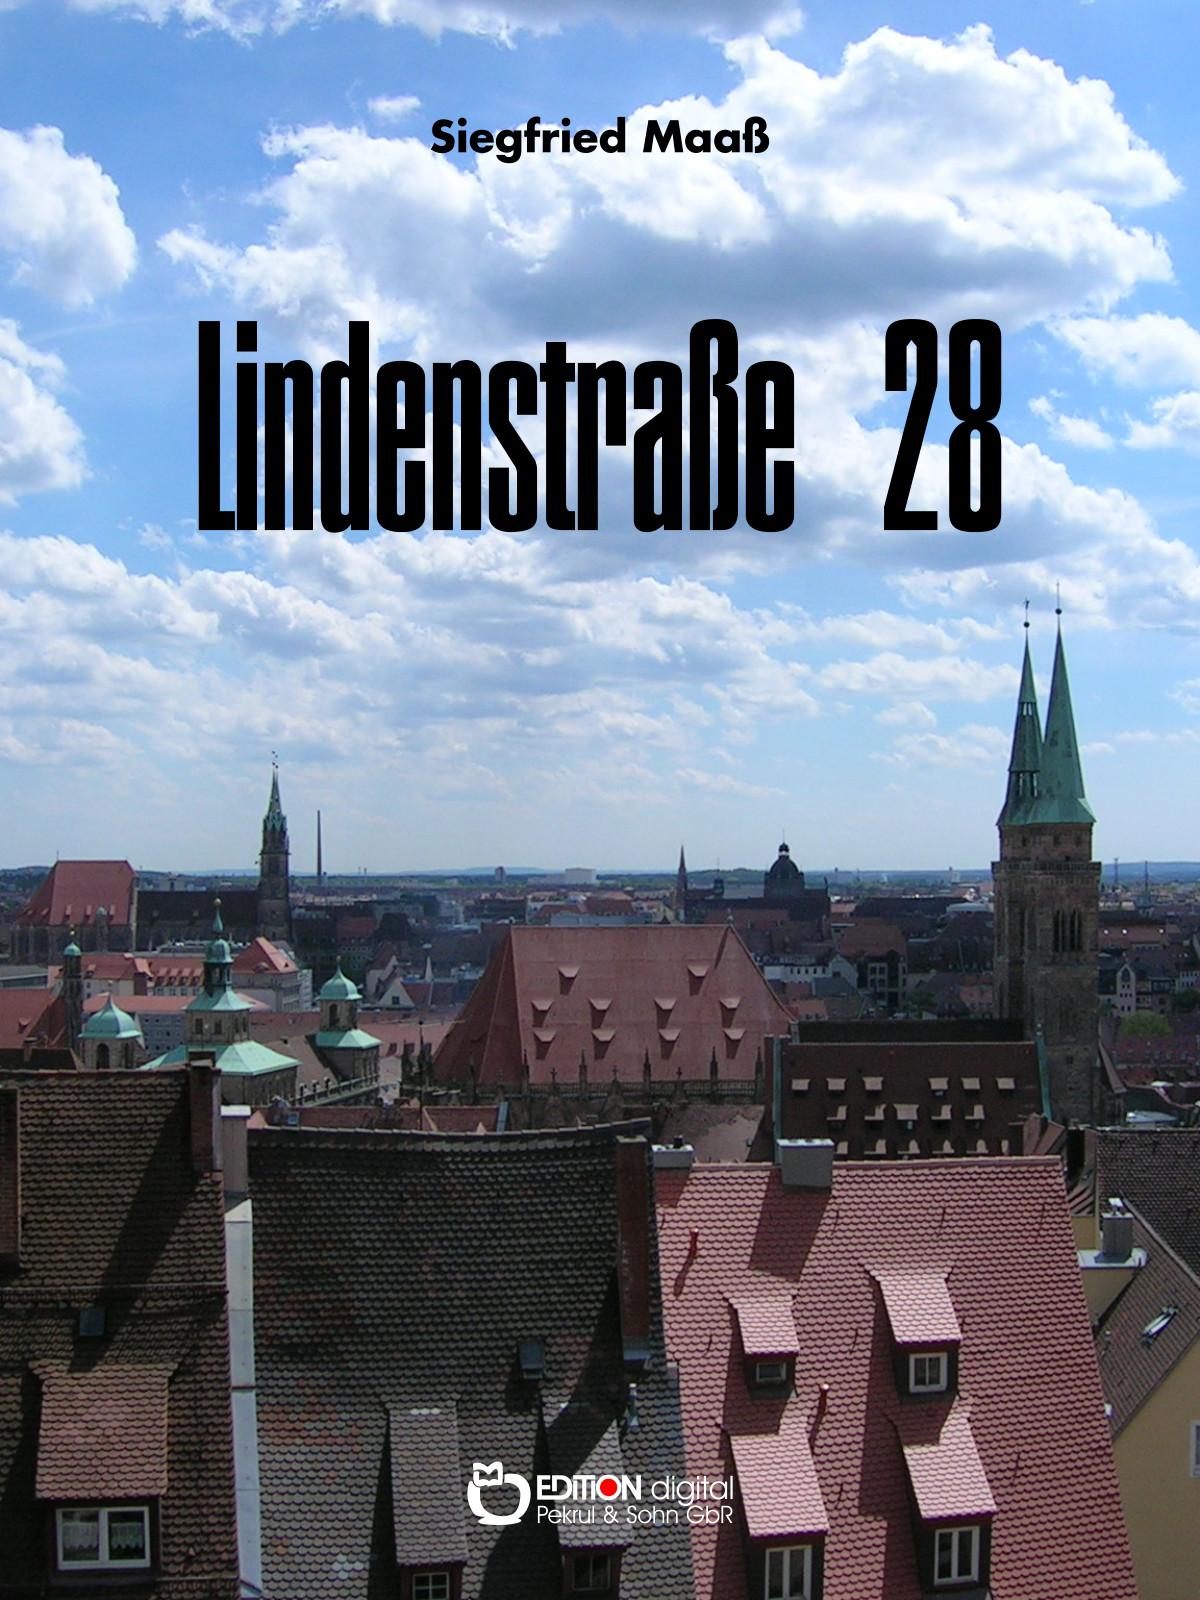 Lindenstraße 28 von Siegfried Maaß